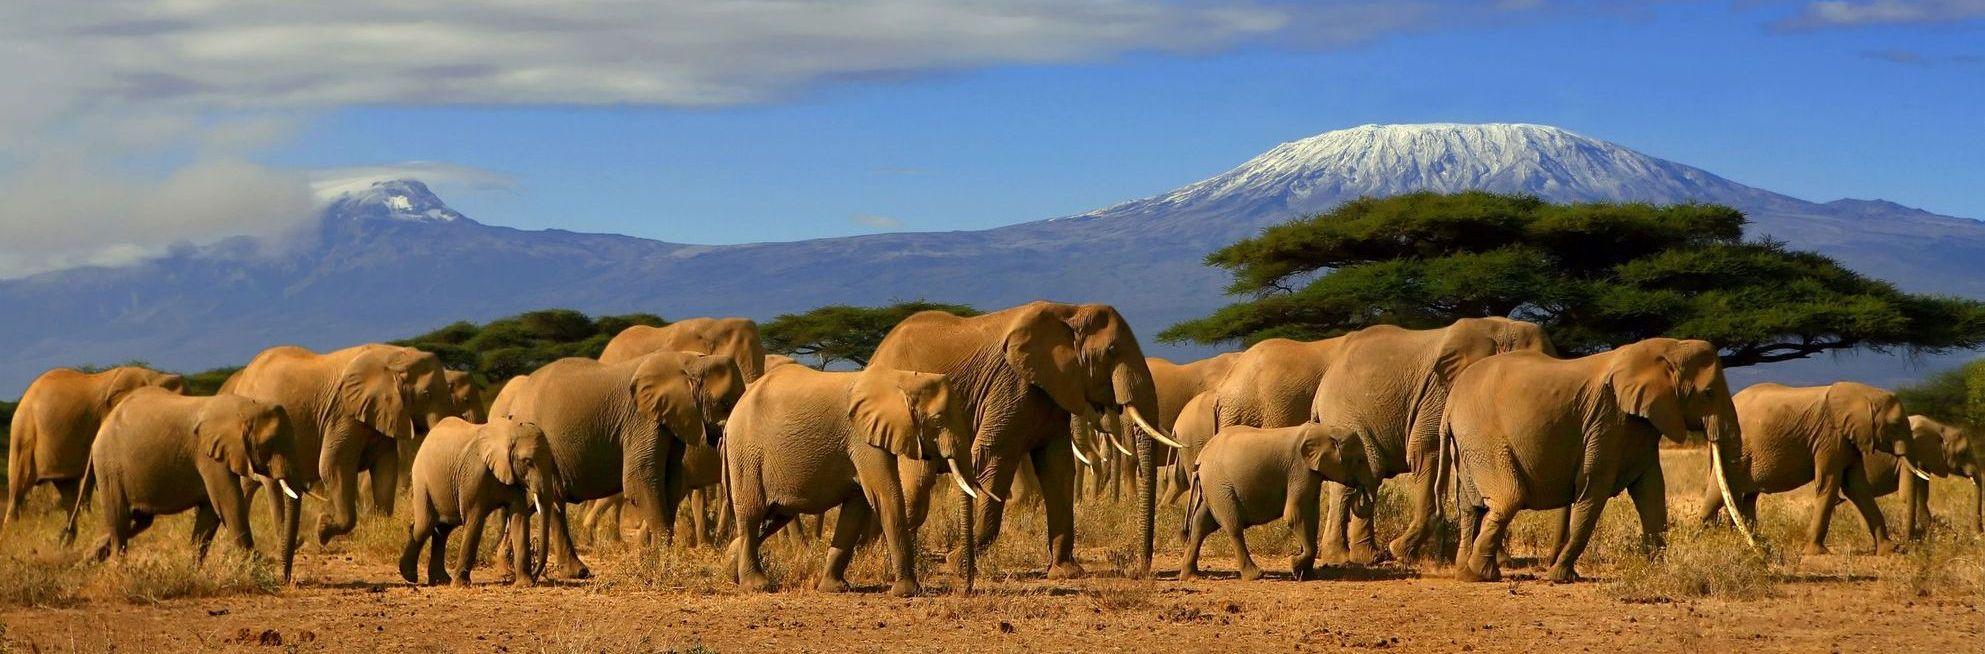 african20safari20kenya.jpg